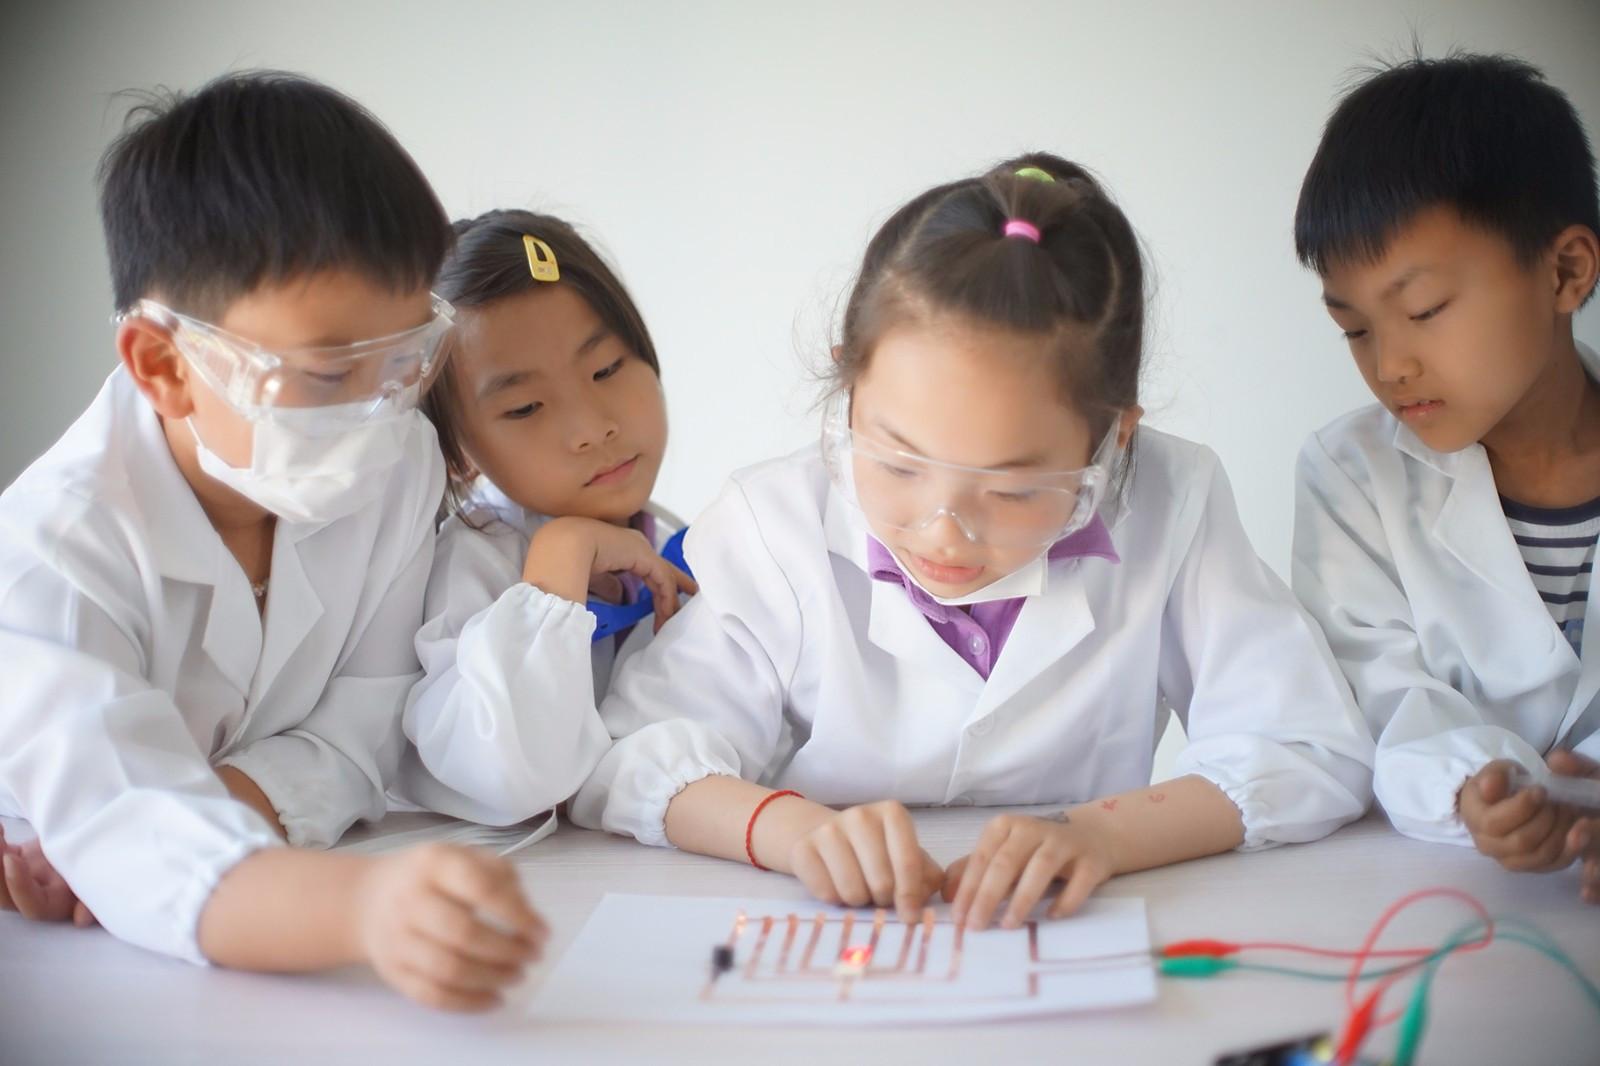 面向校外学习的STEM教育产品提供者